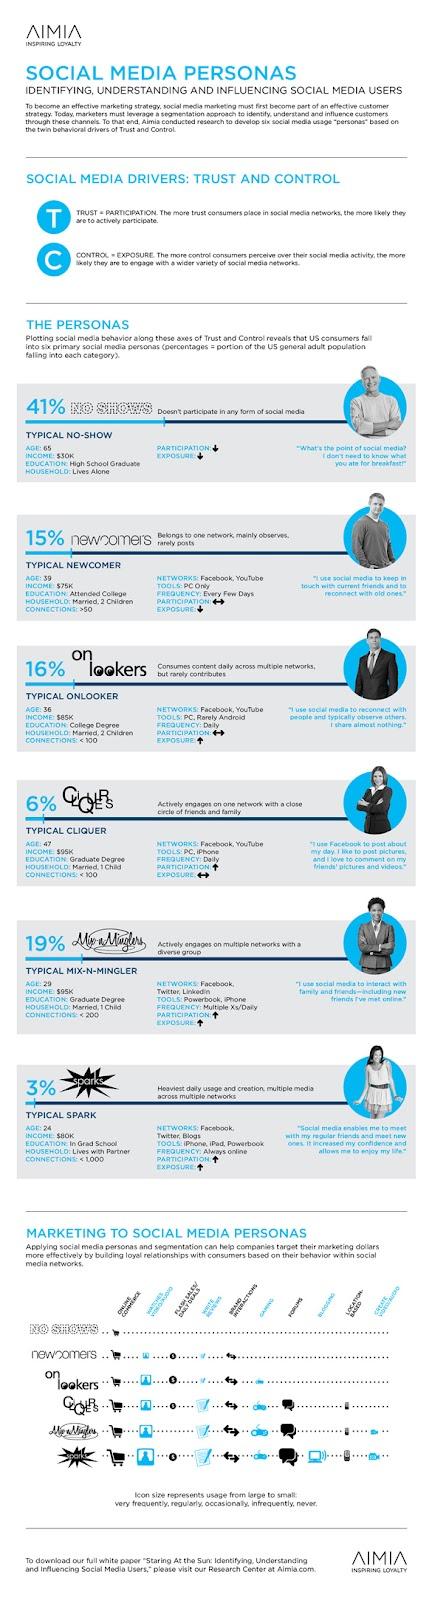 Cele 6 tipuri de utilizatori de social media